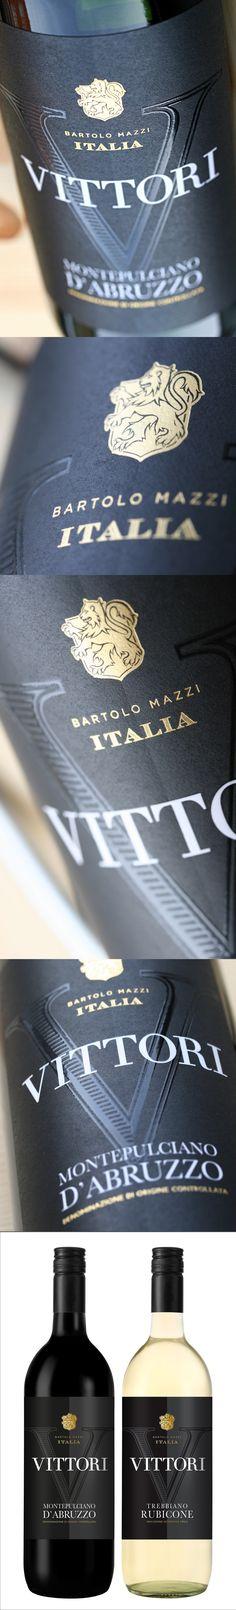 VITTORI - Bartolo Ma